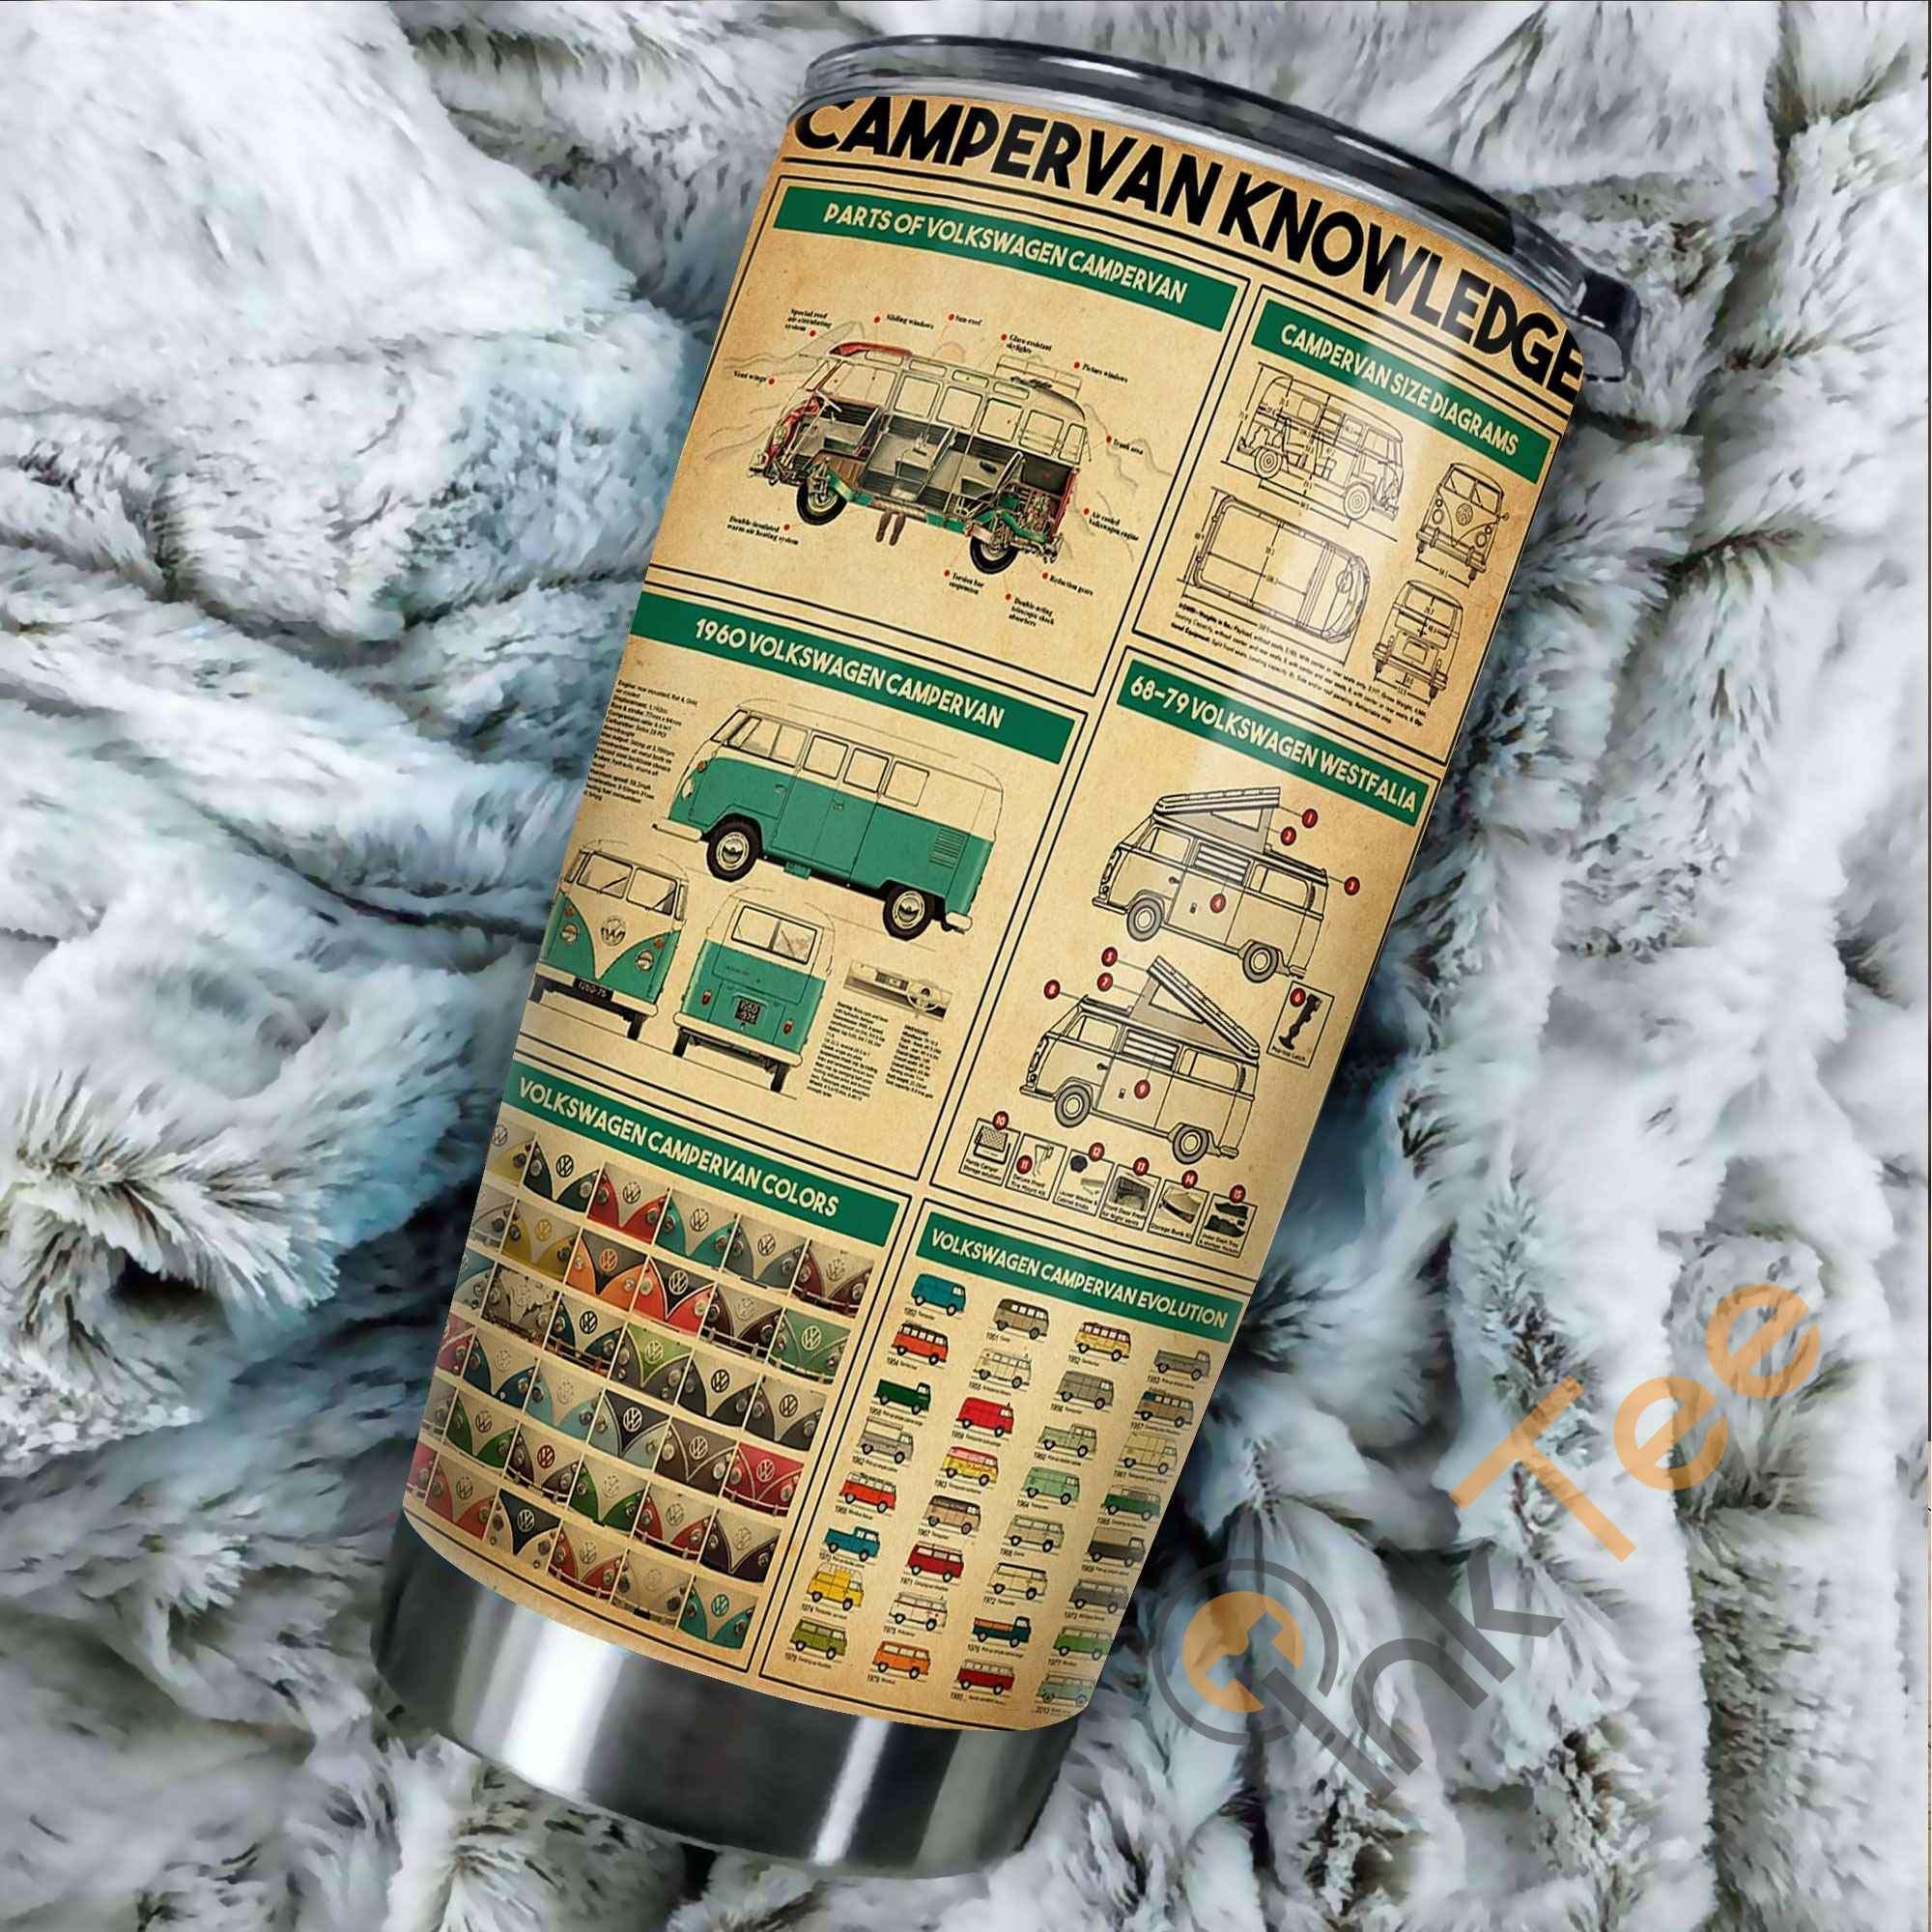 Campervan Knowledge Vertical Amazon Best Seller Sku 3285 Stainless Steel Tumbler